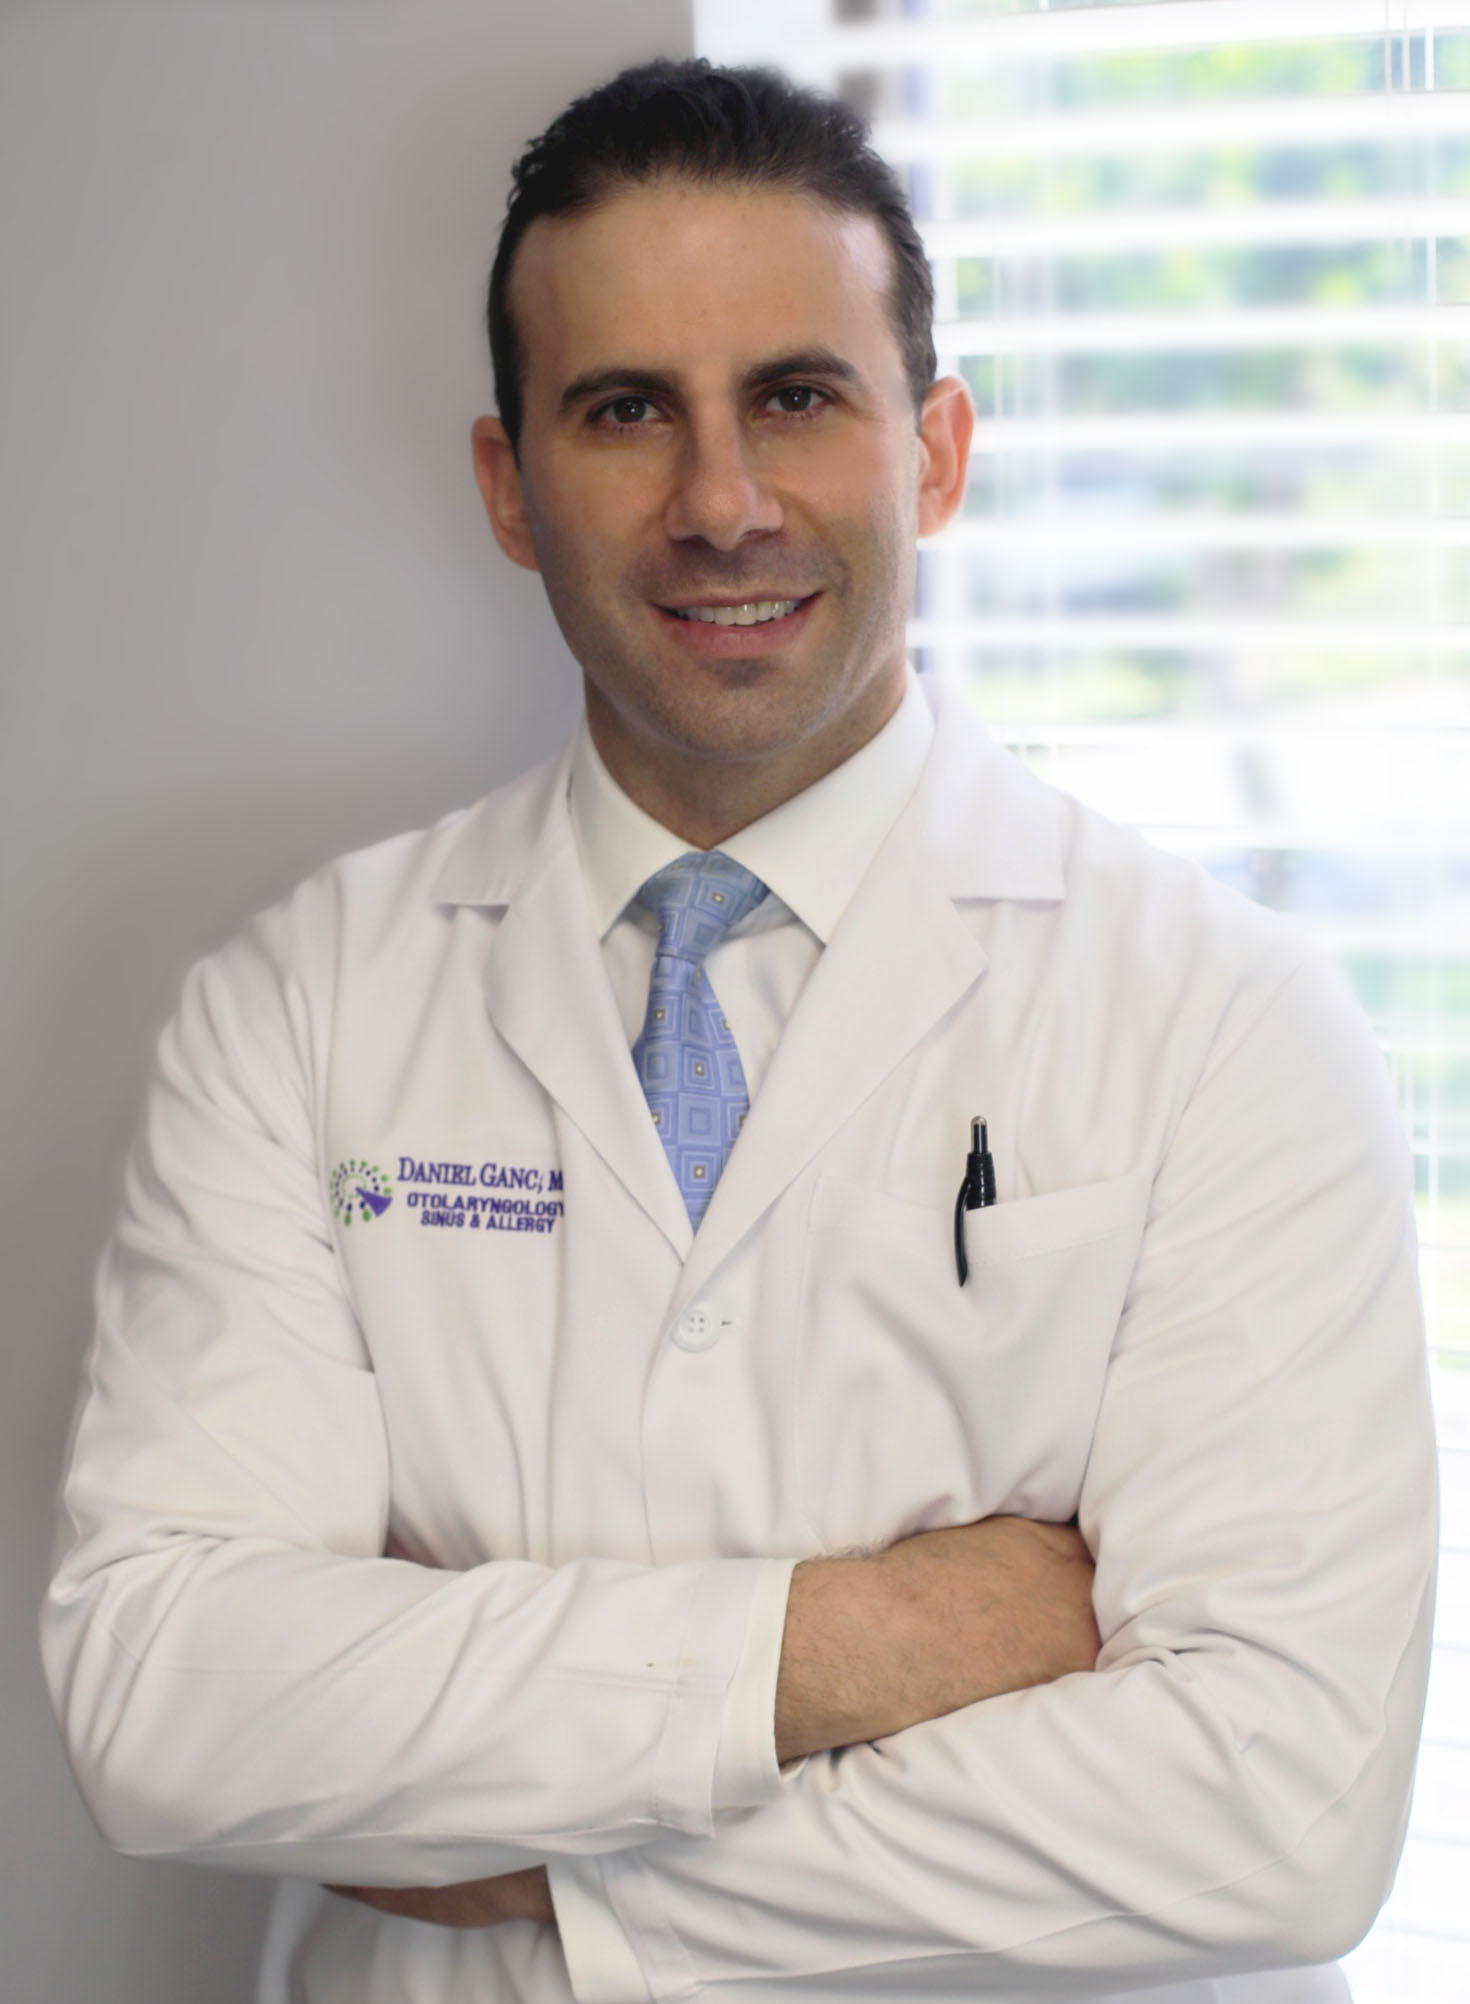 Daniel Ganc, MD